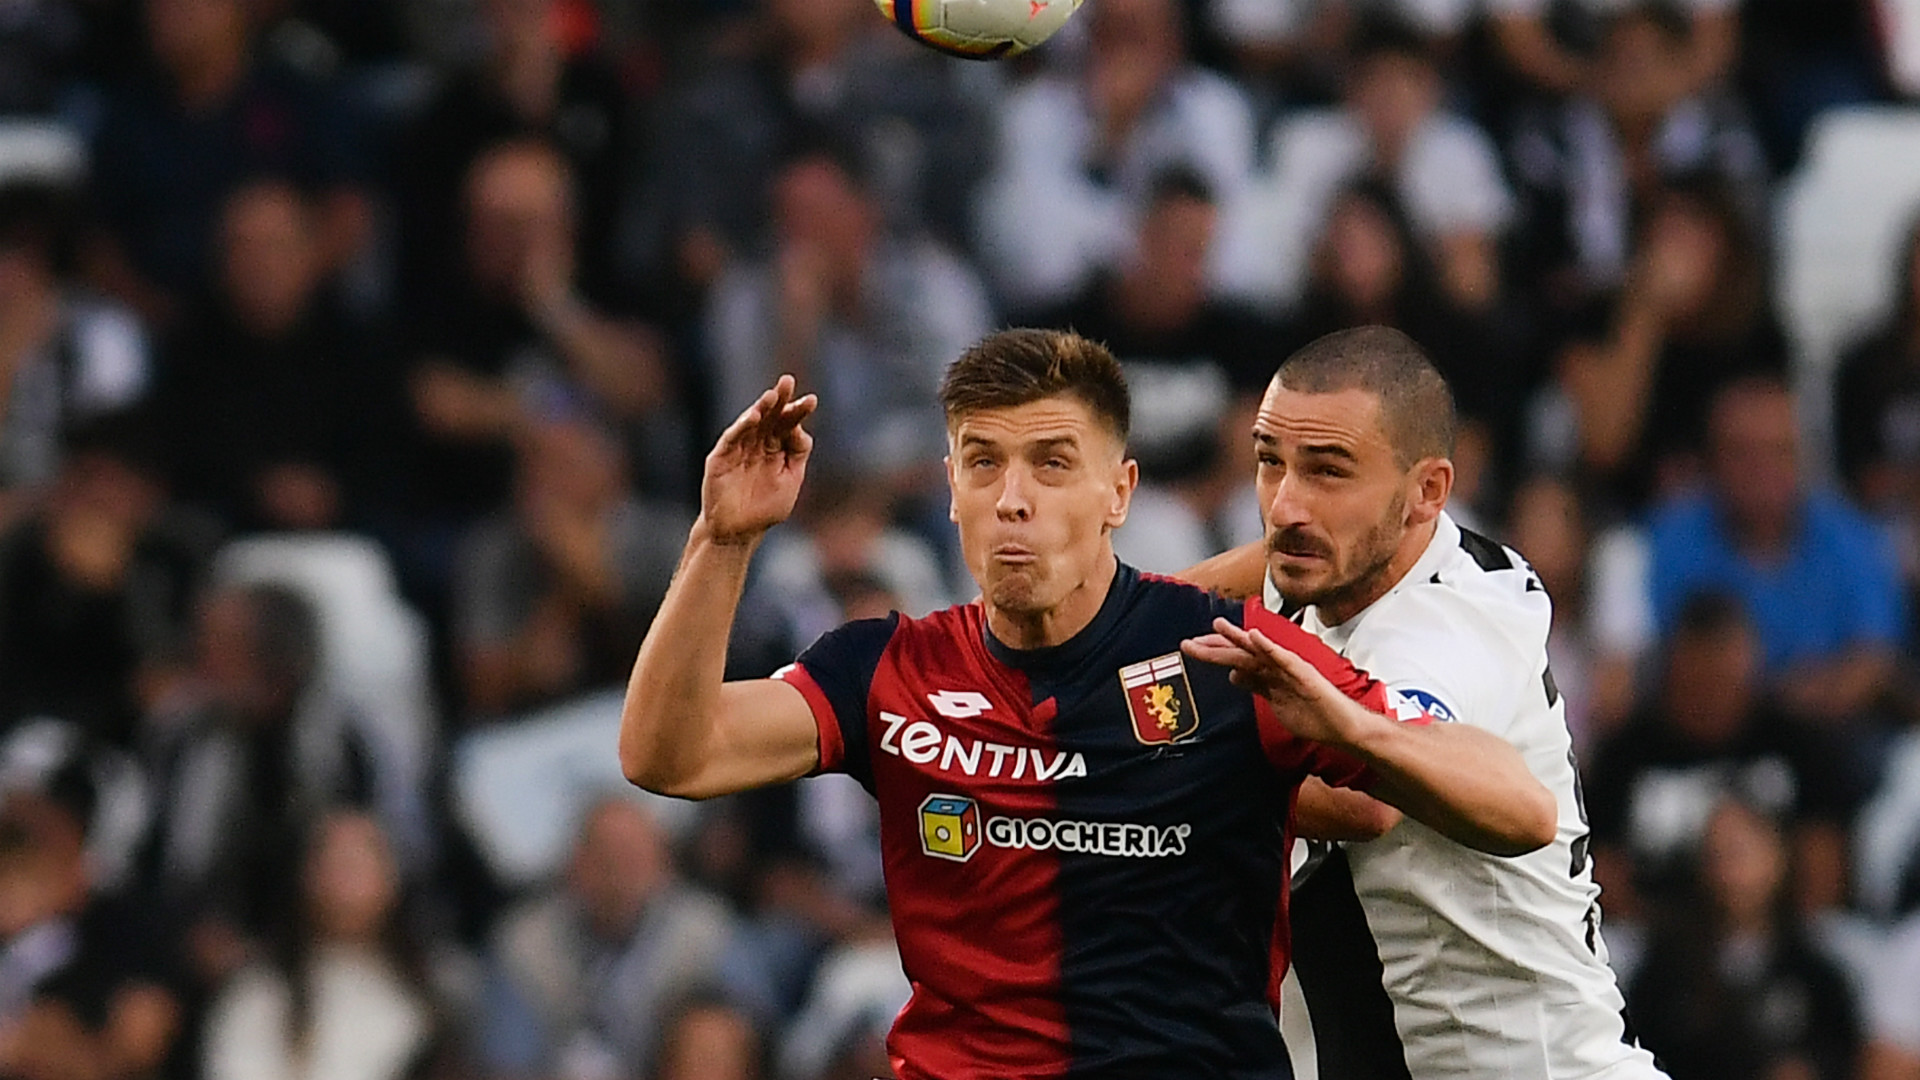 Piatek Juventus Genoa